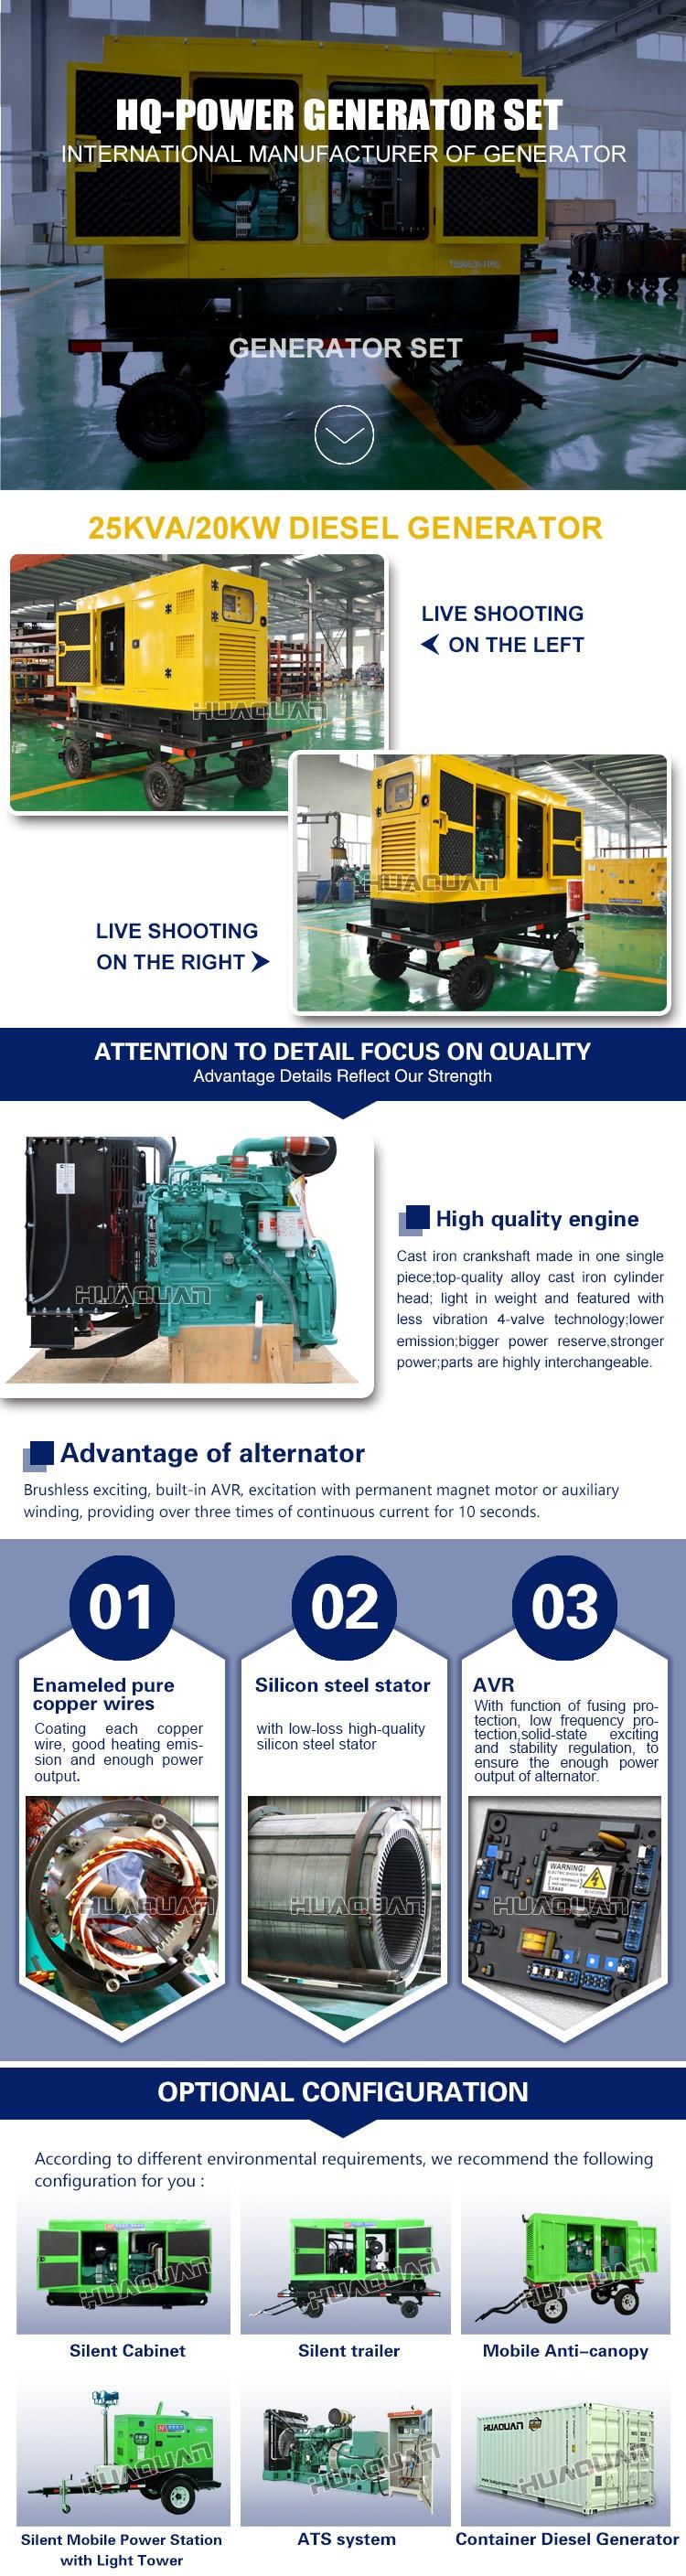 25kva 20kw Diesel Generator Portable Mobile Genset Buy Diesel